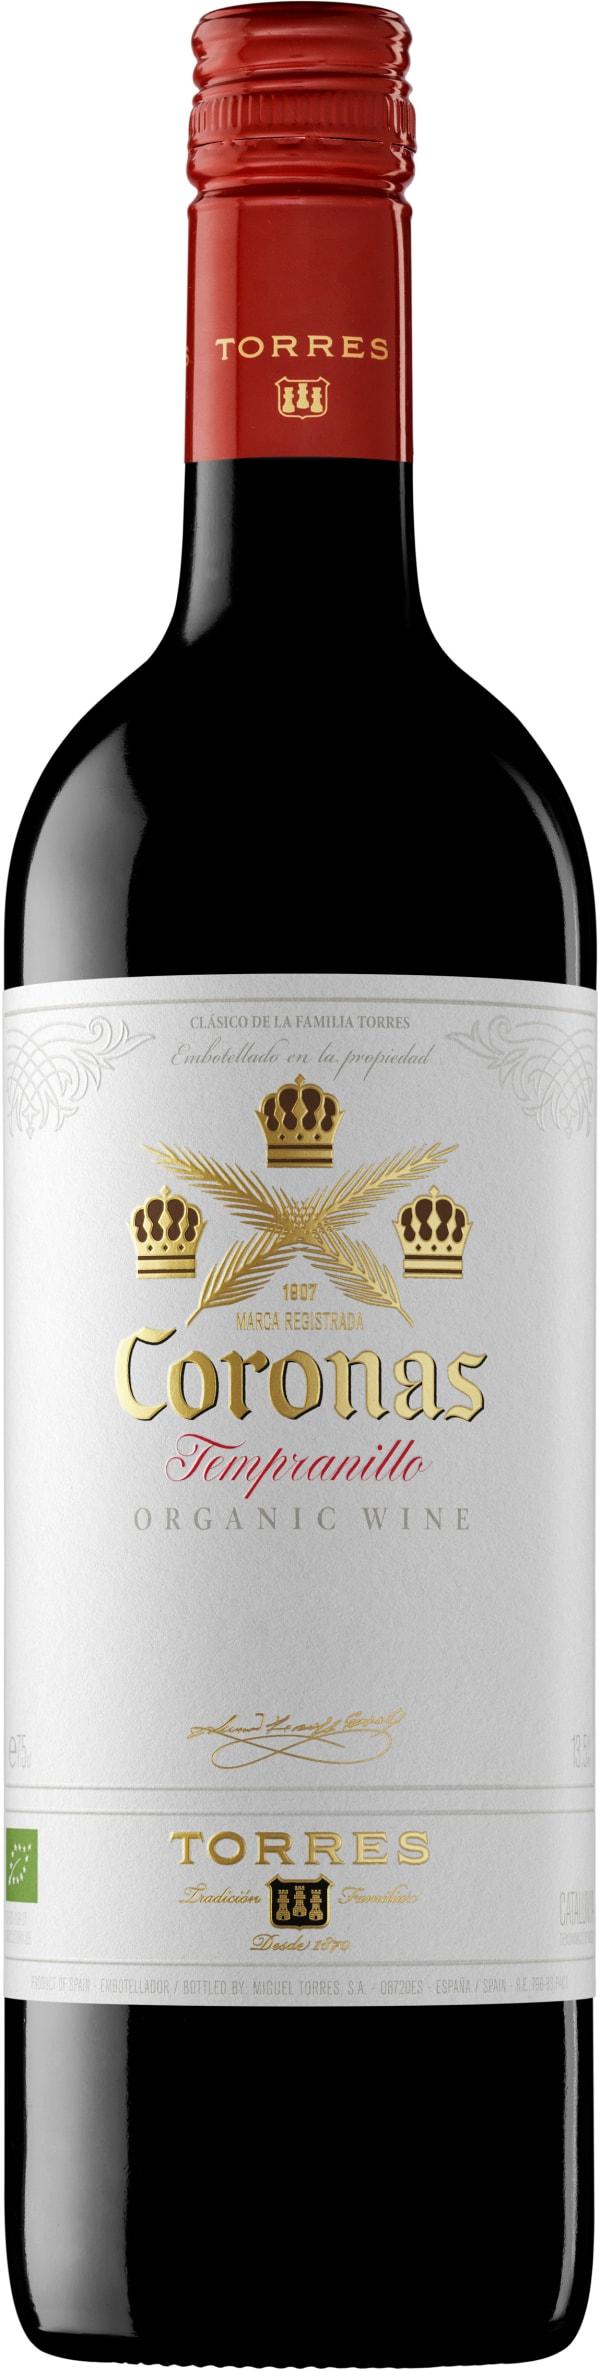 Torres Coronas Tempranillo Organic 2018